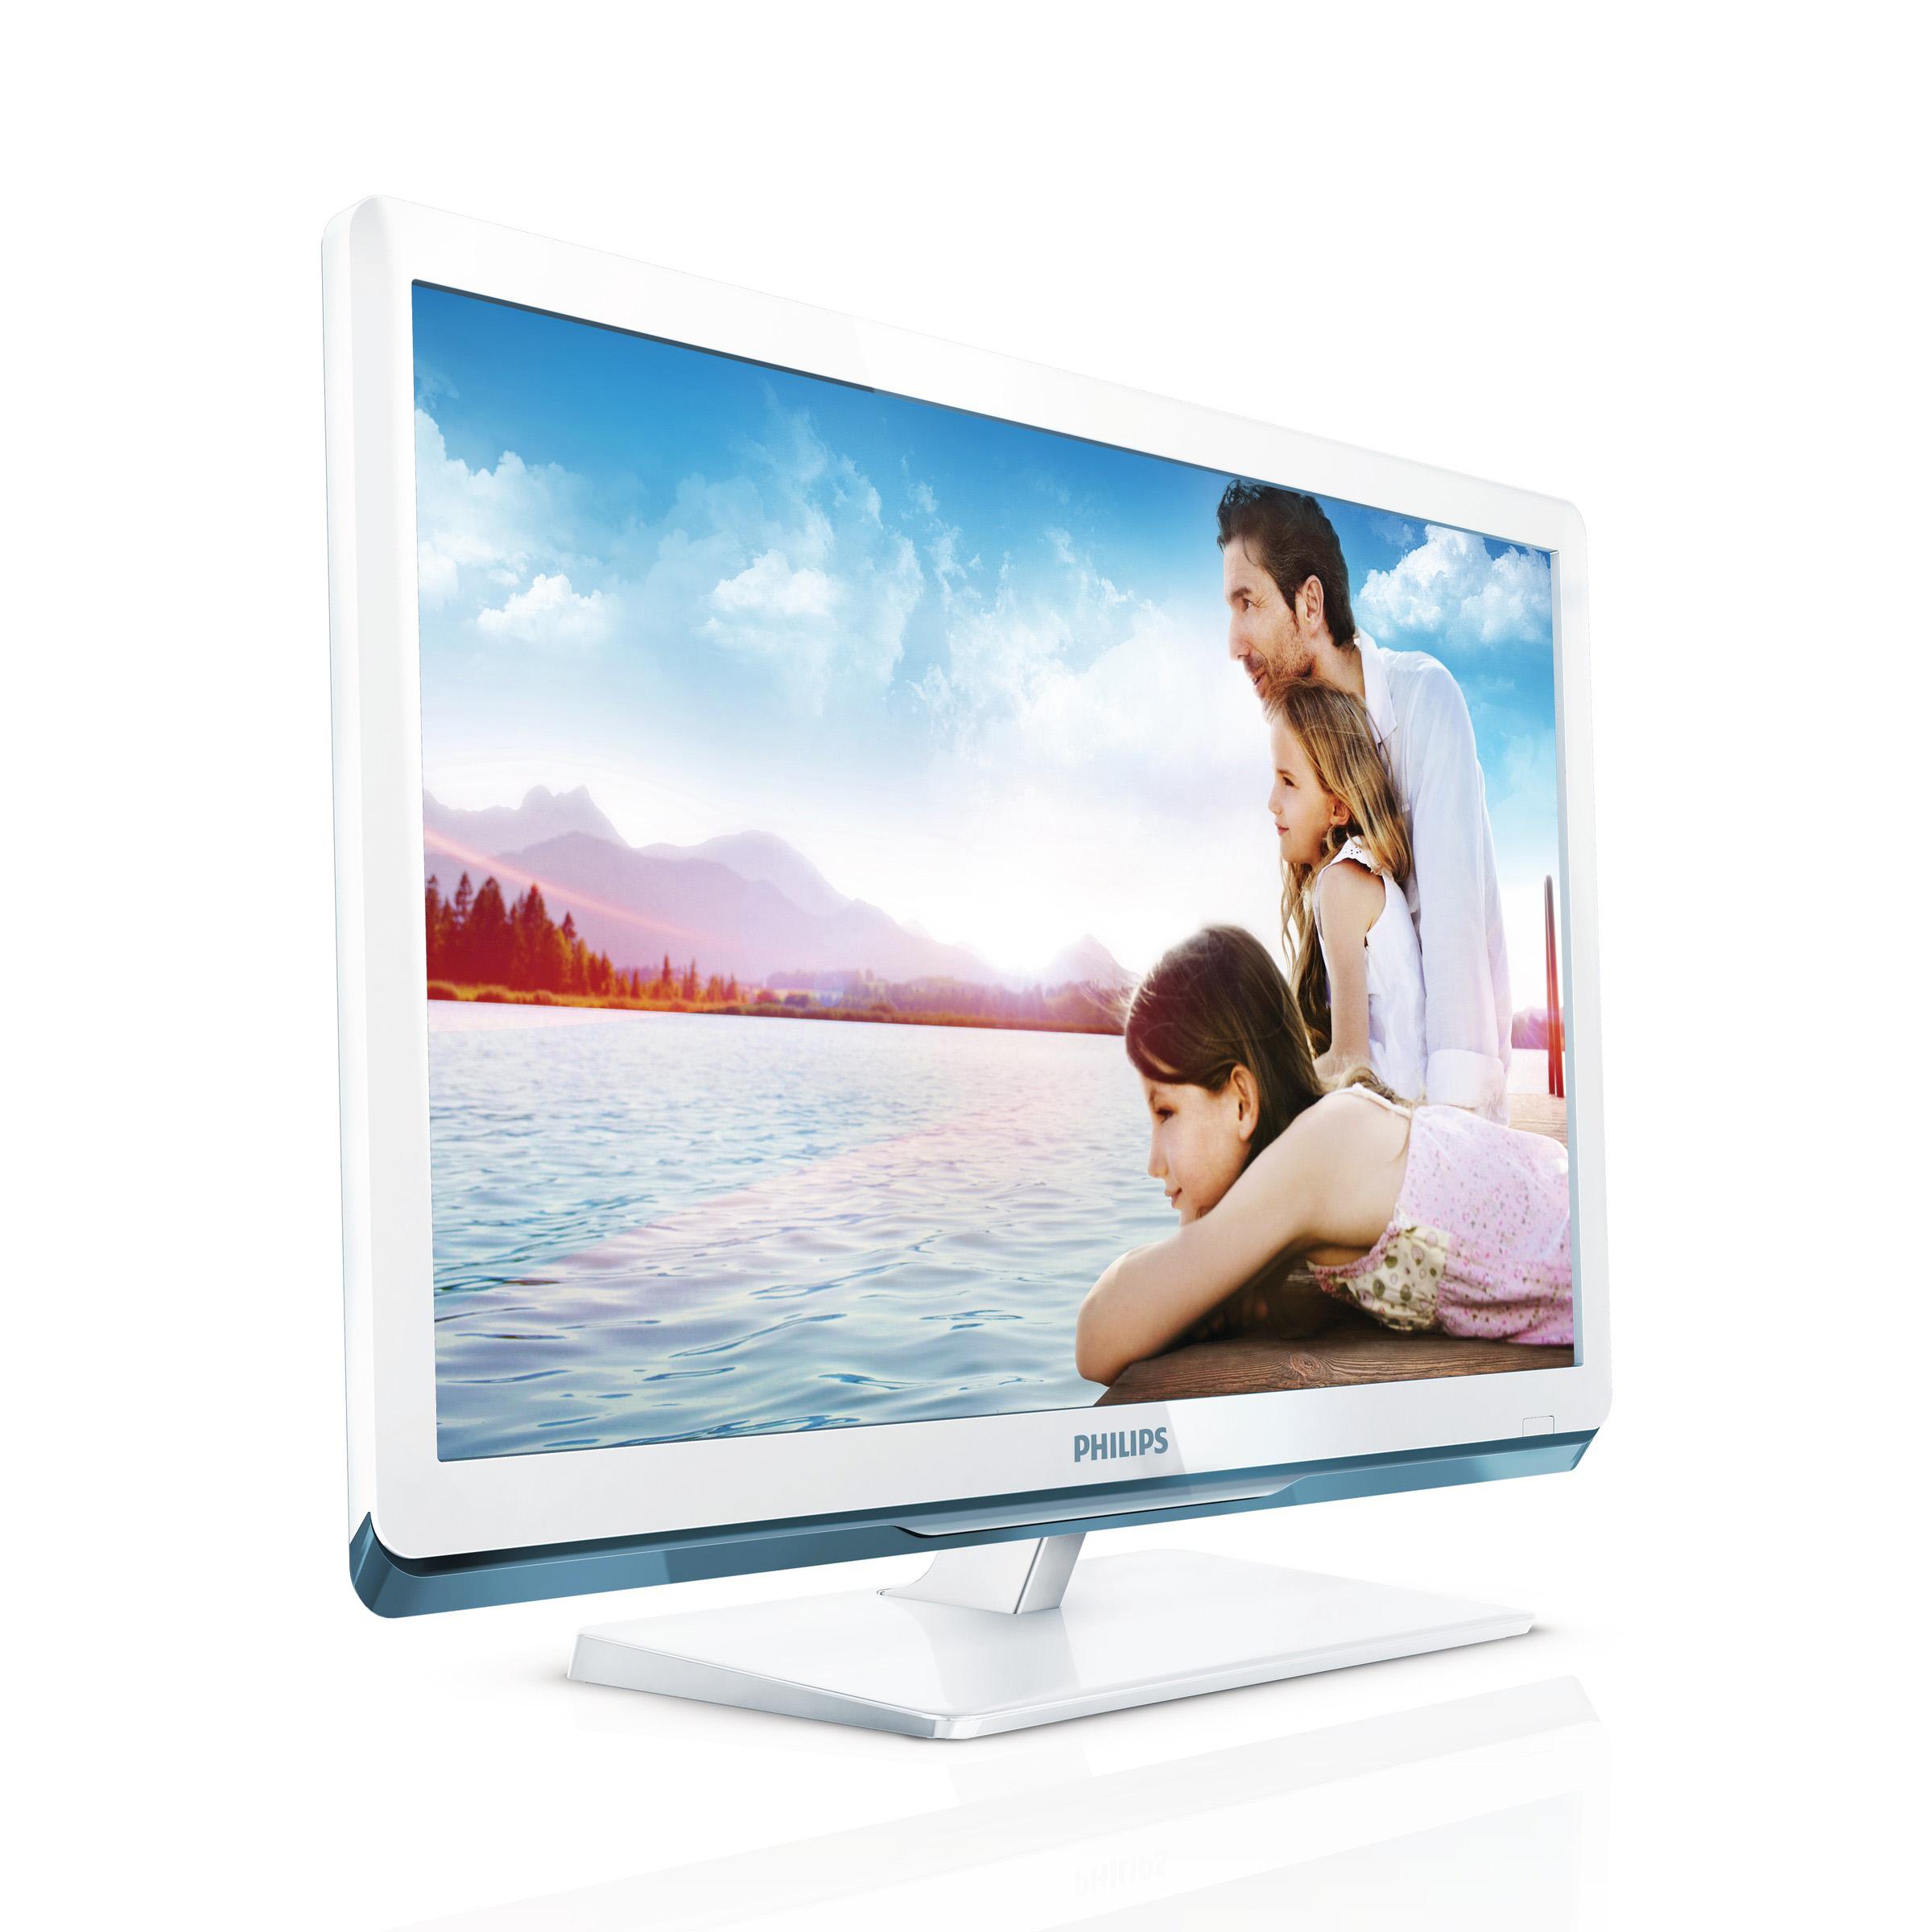 Philips televisi n te trae el mejor regalo para el d a de for Regalo mobile tv